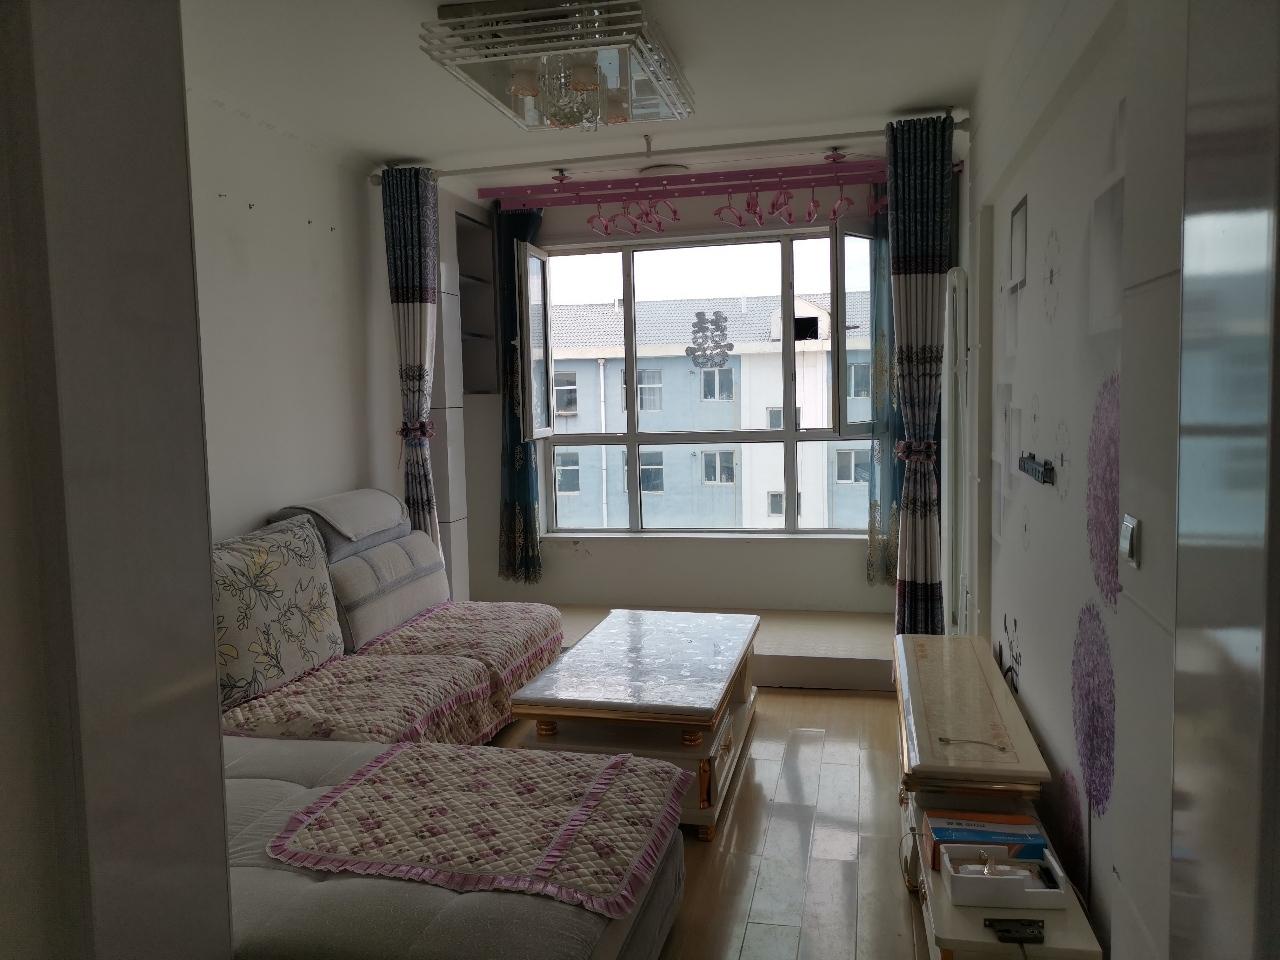 怡景小区东区2室 1厅 1卫16万元